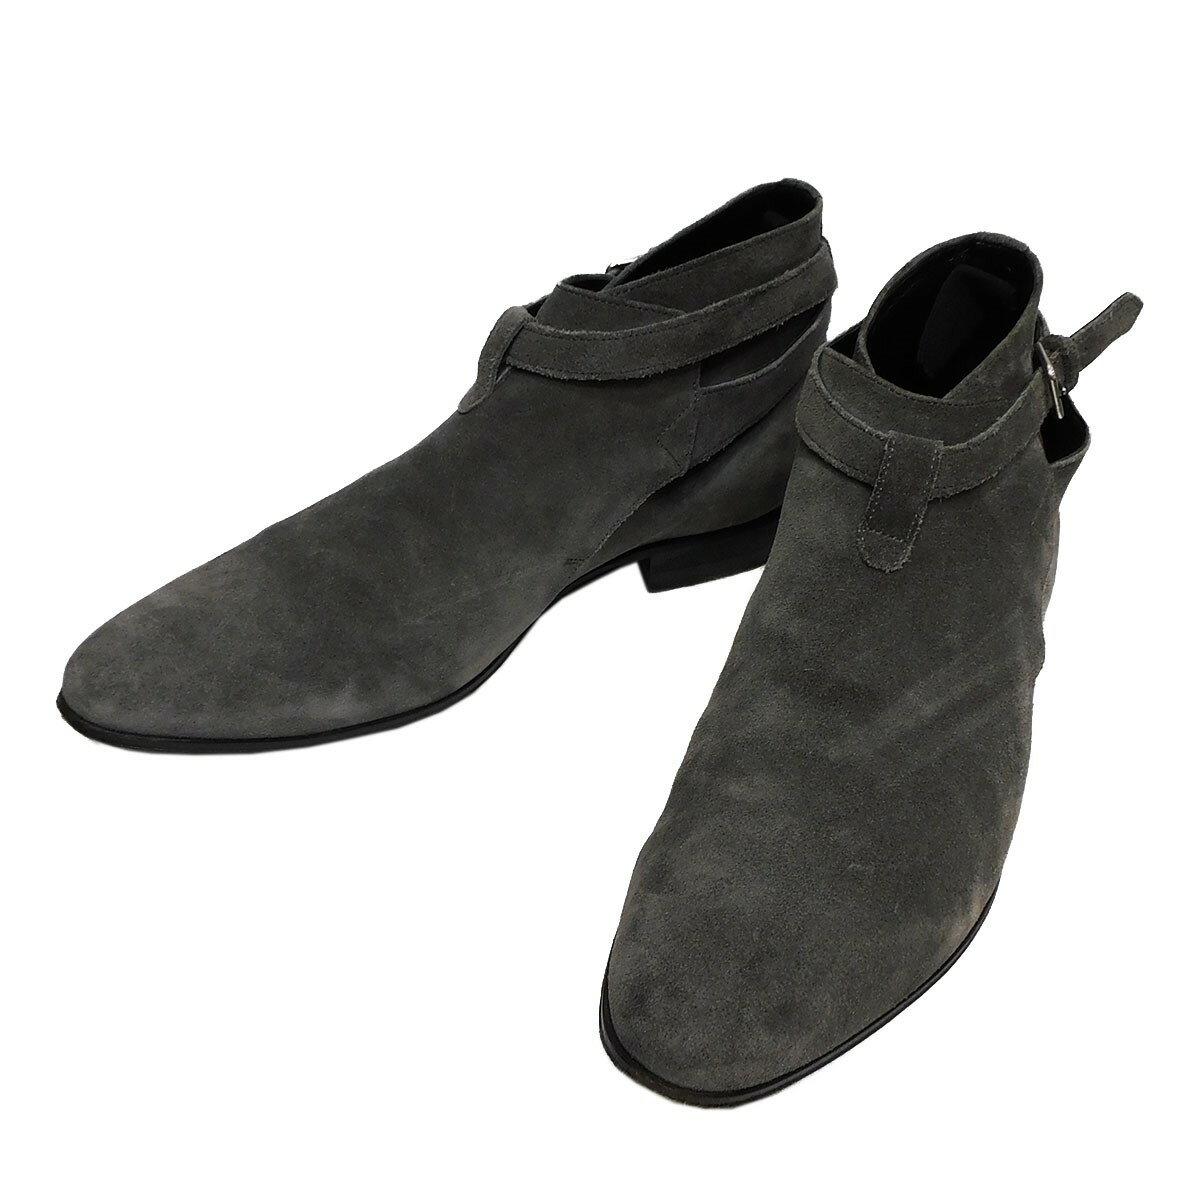 ブーツ, ジョッパー SAINT LAURENT PARIS 41 1019